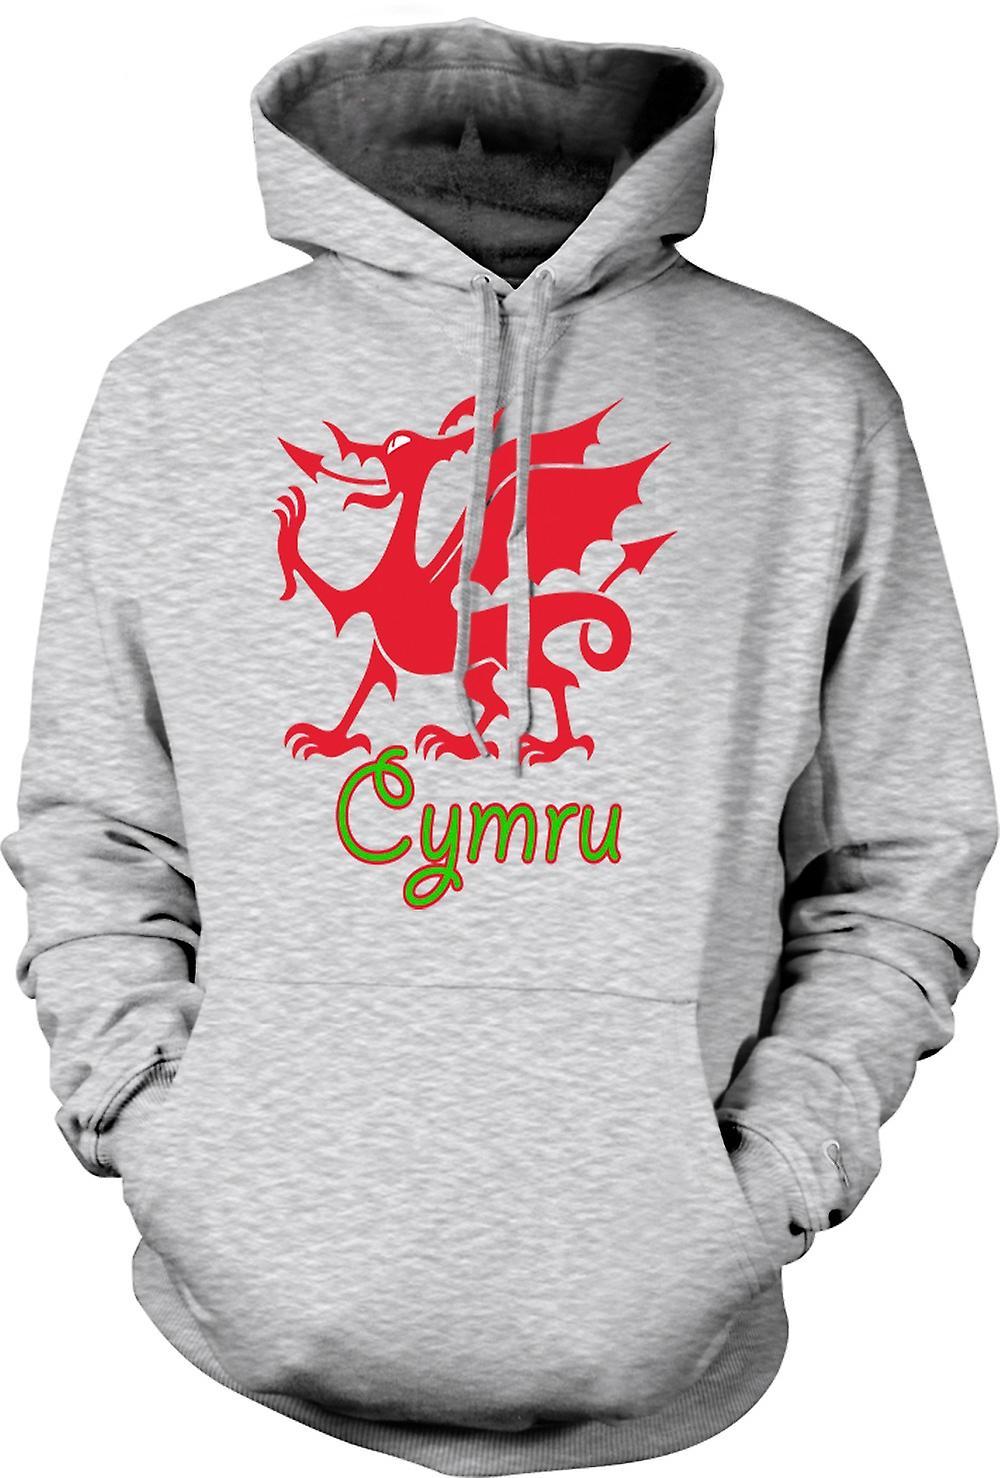 Mens-Hoodie - walisischen Drachen - Cymru